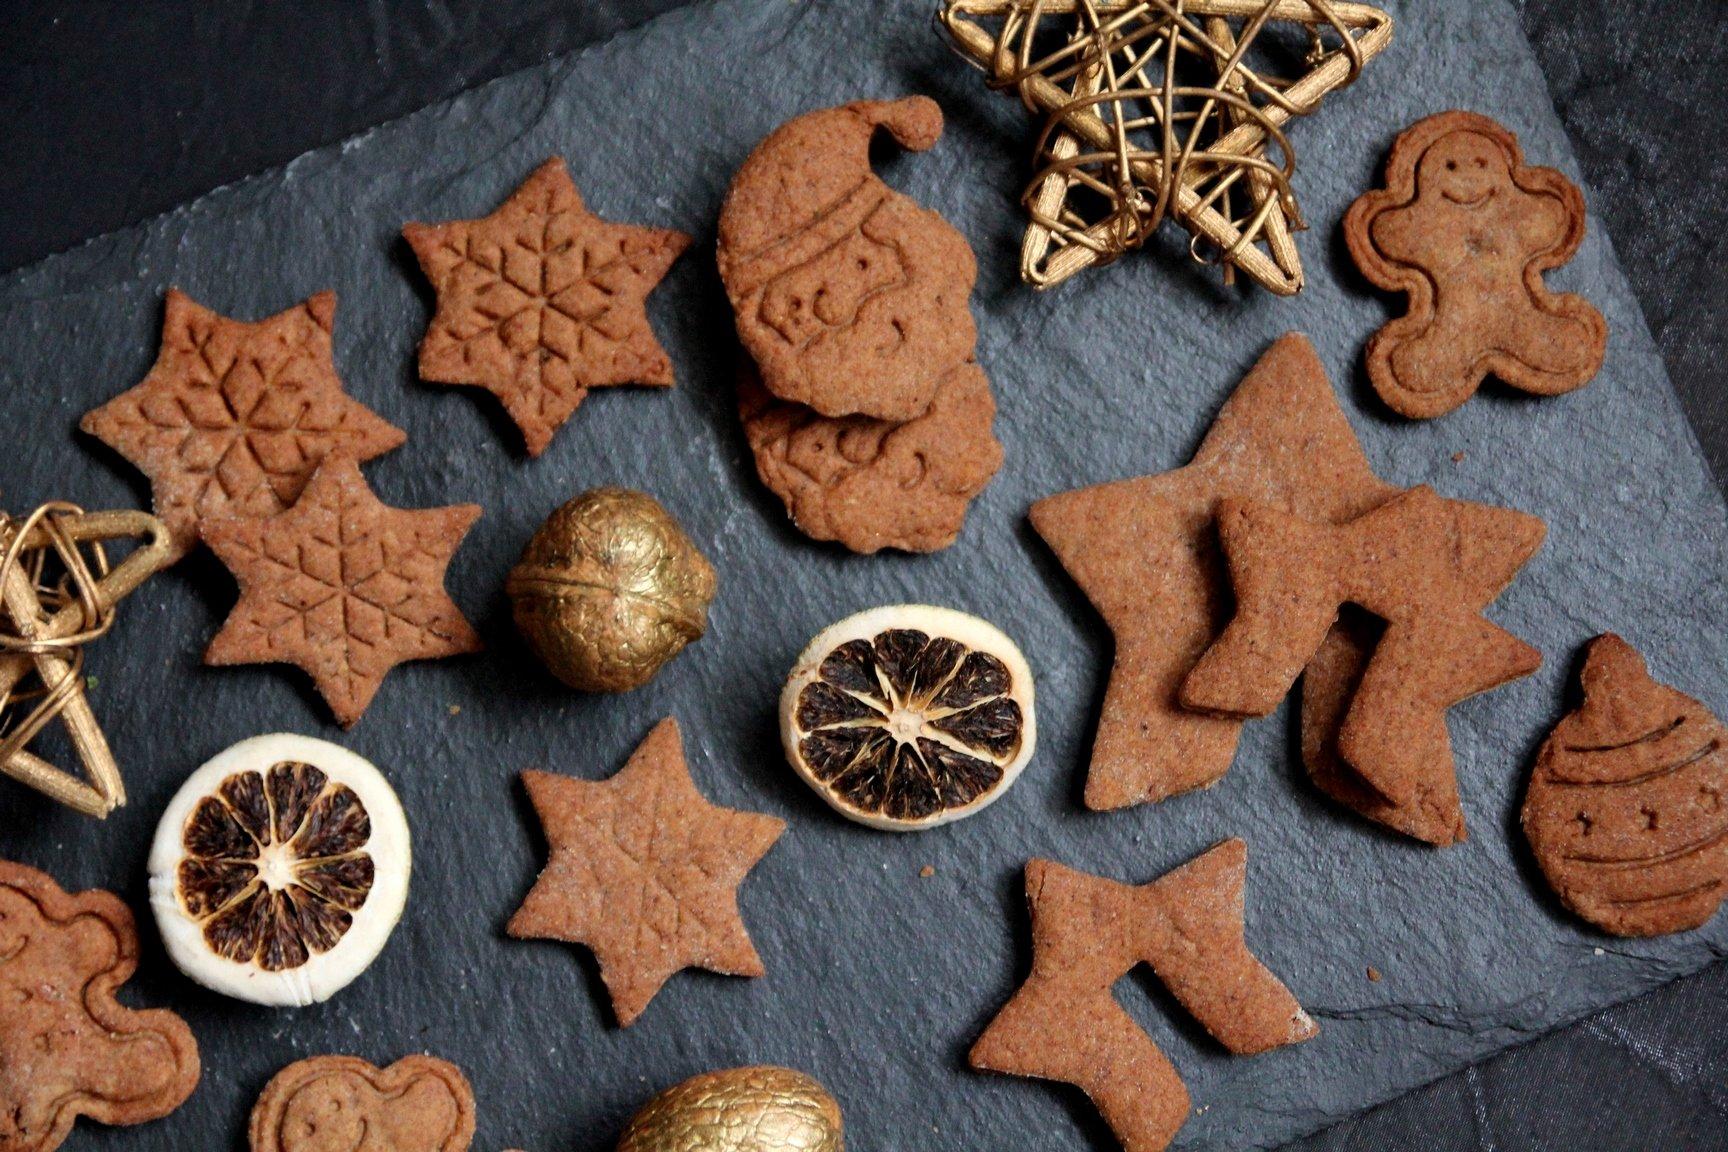 pierniki-pierniczki-pomarańczowe-gingerbread-cookies-book-me-a-cookie-przepis-9-Kopiowanie